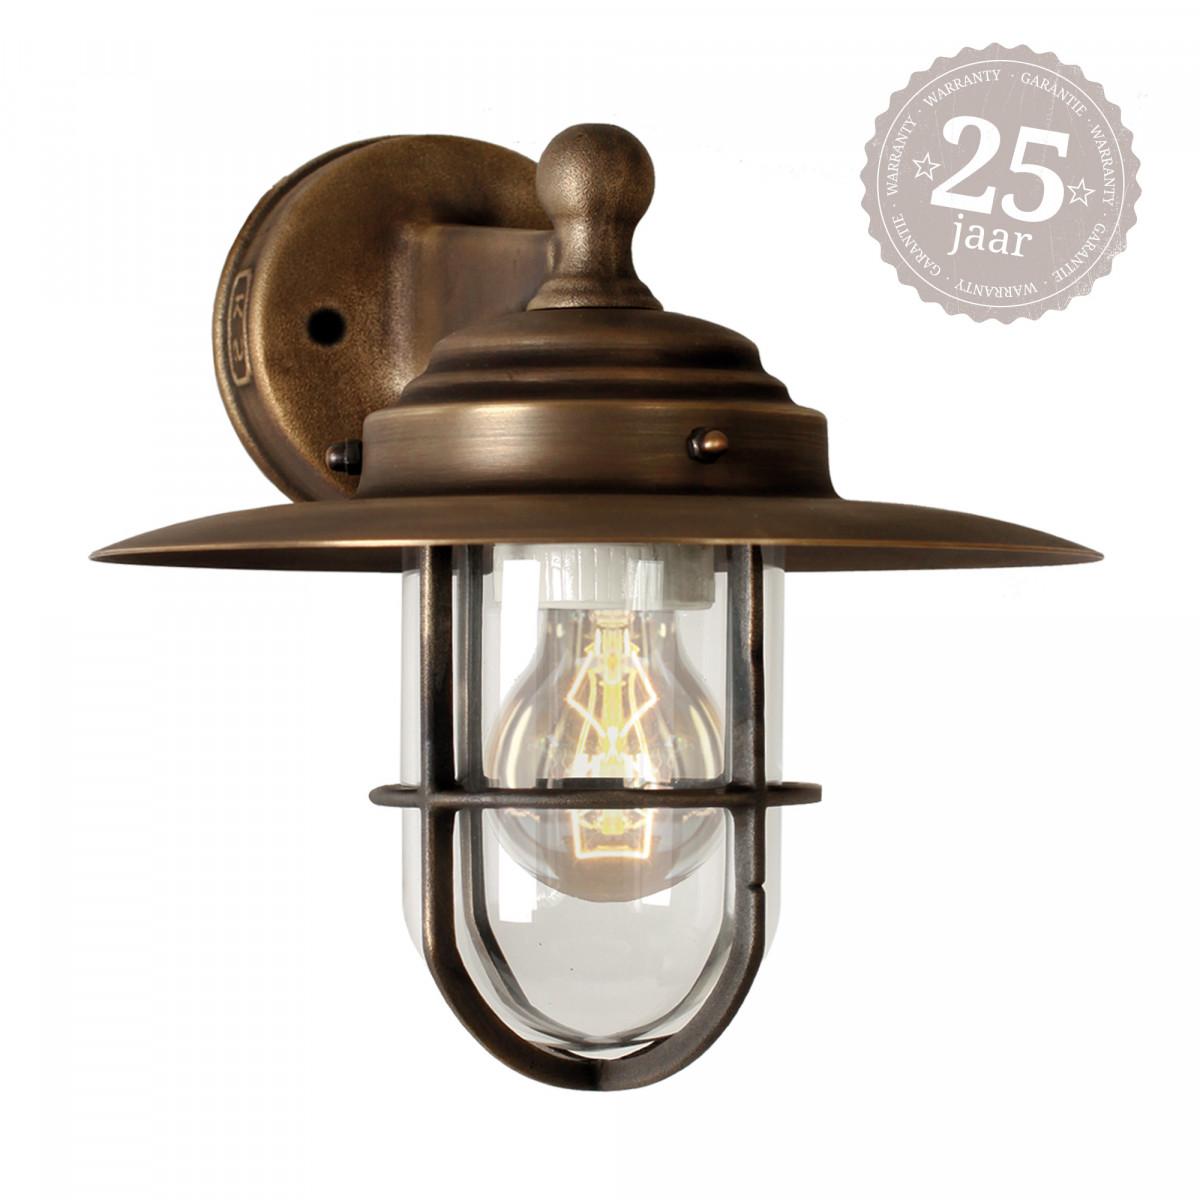 KS Außenlampe mit kette - Hofleuchte